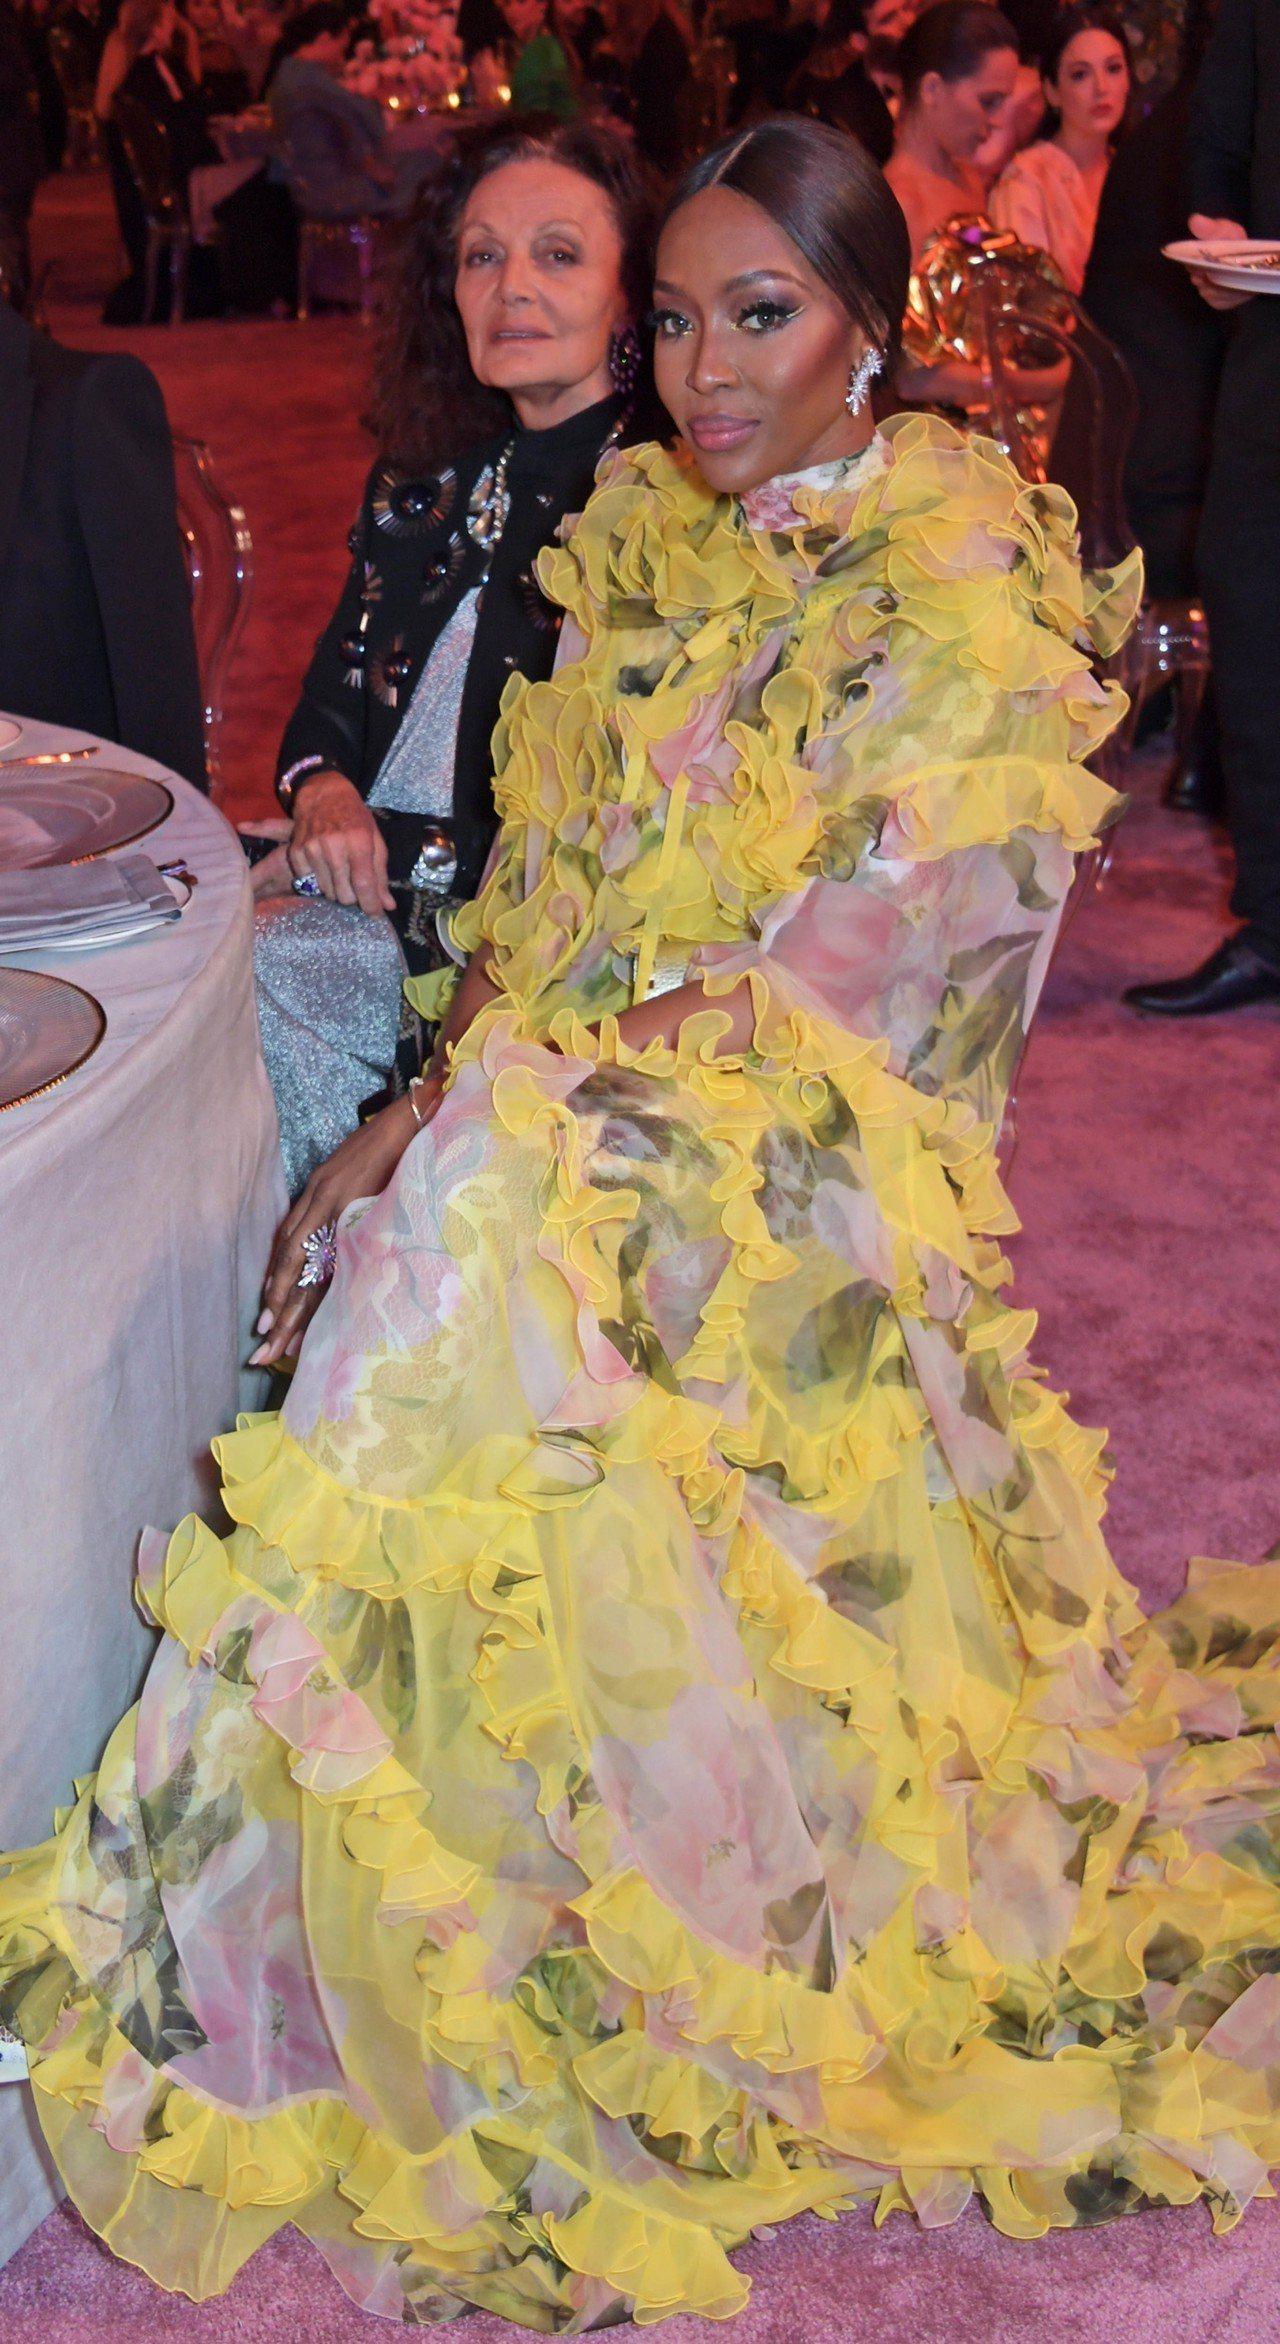 傳奇超模娜歐蜜坎貝爾日前在阿拉伯時尚信託基金FTA(Fashion Trust ...